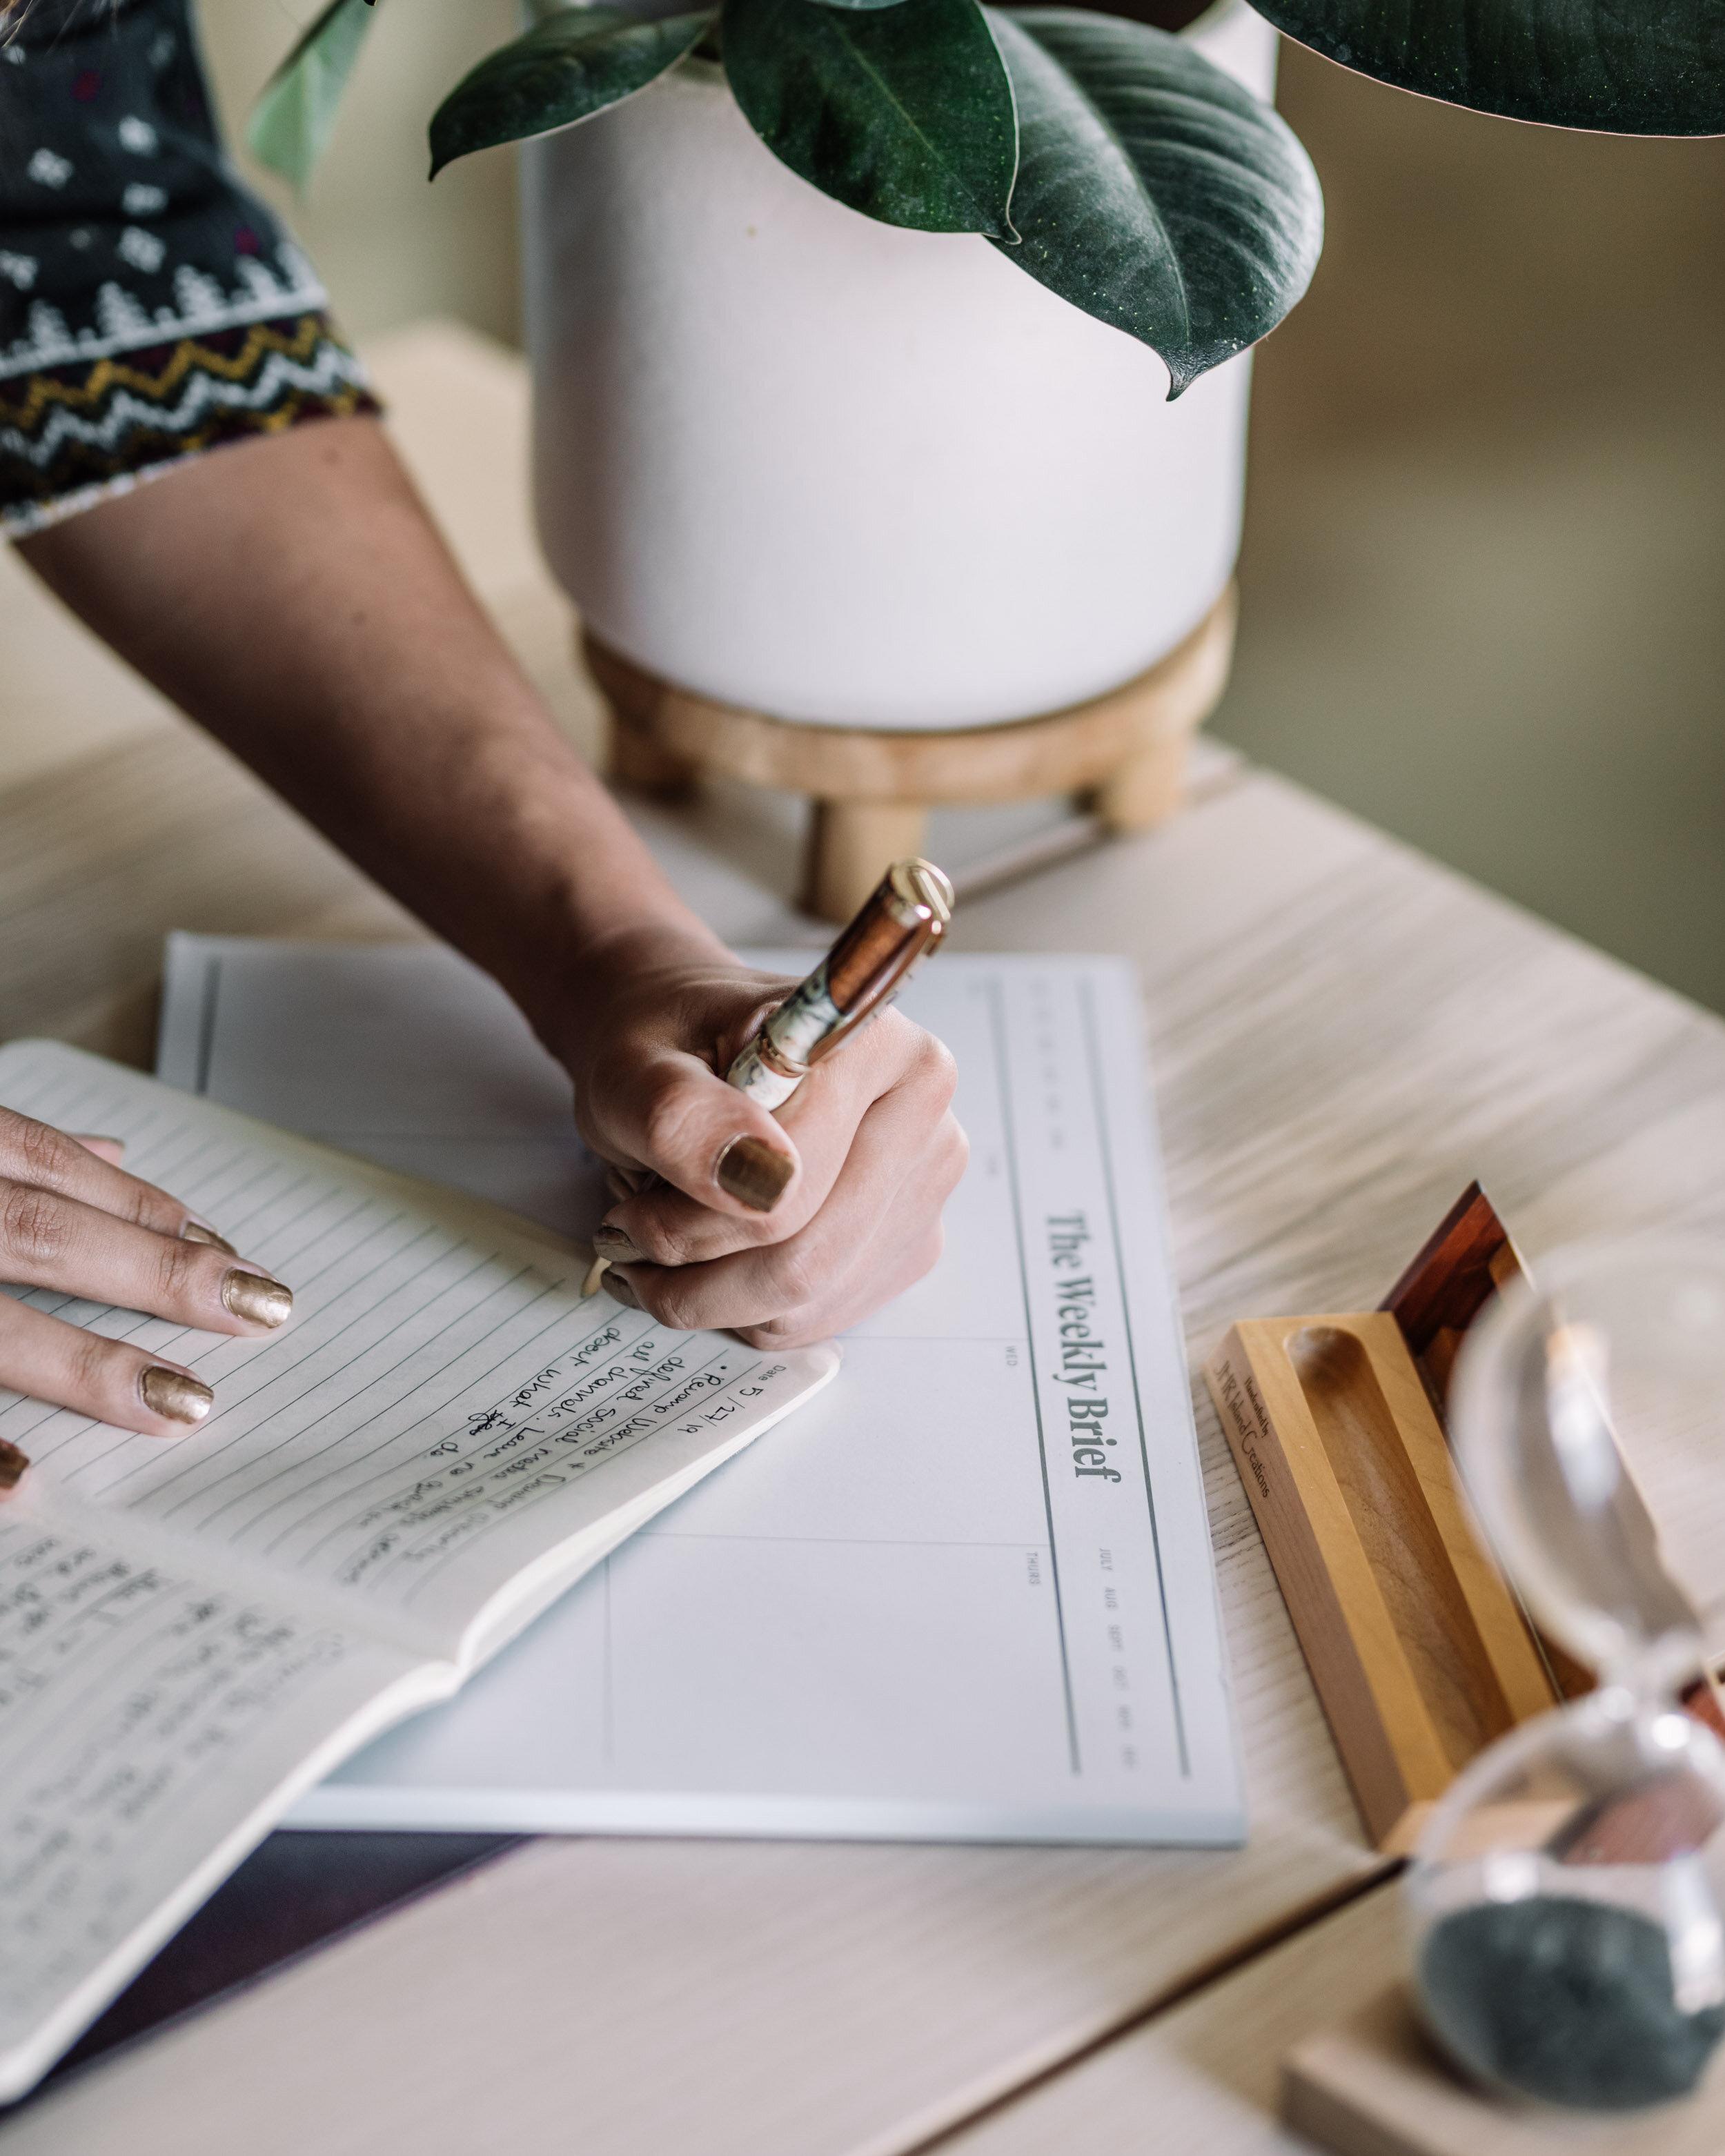 Woman Taking Notes - Rachel Off Duty